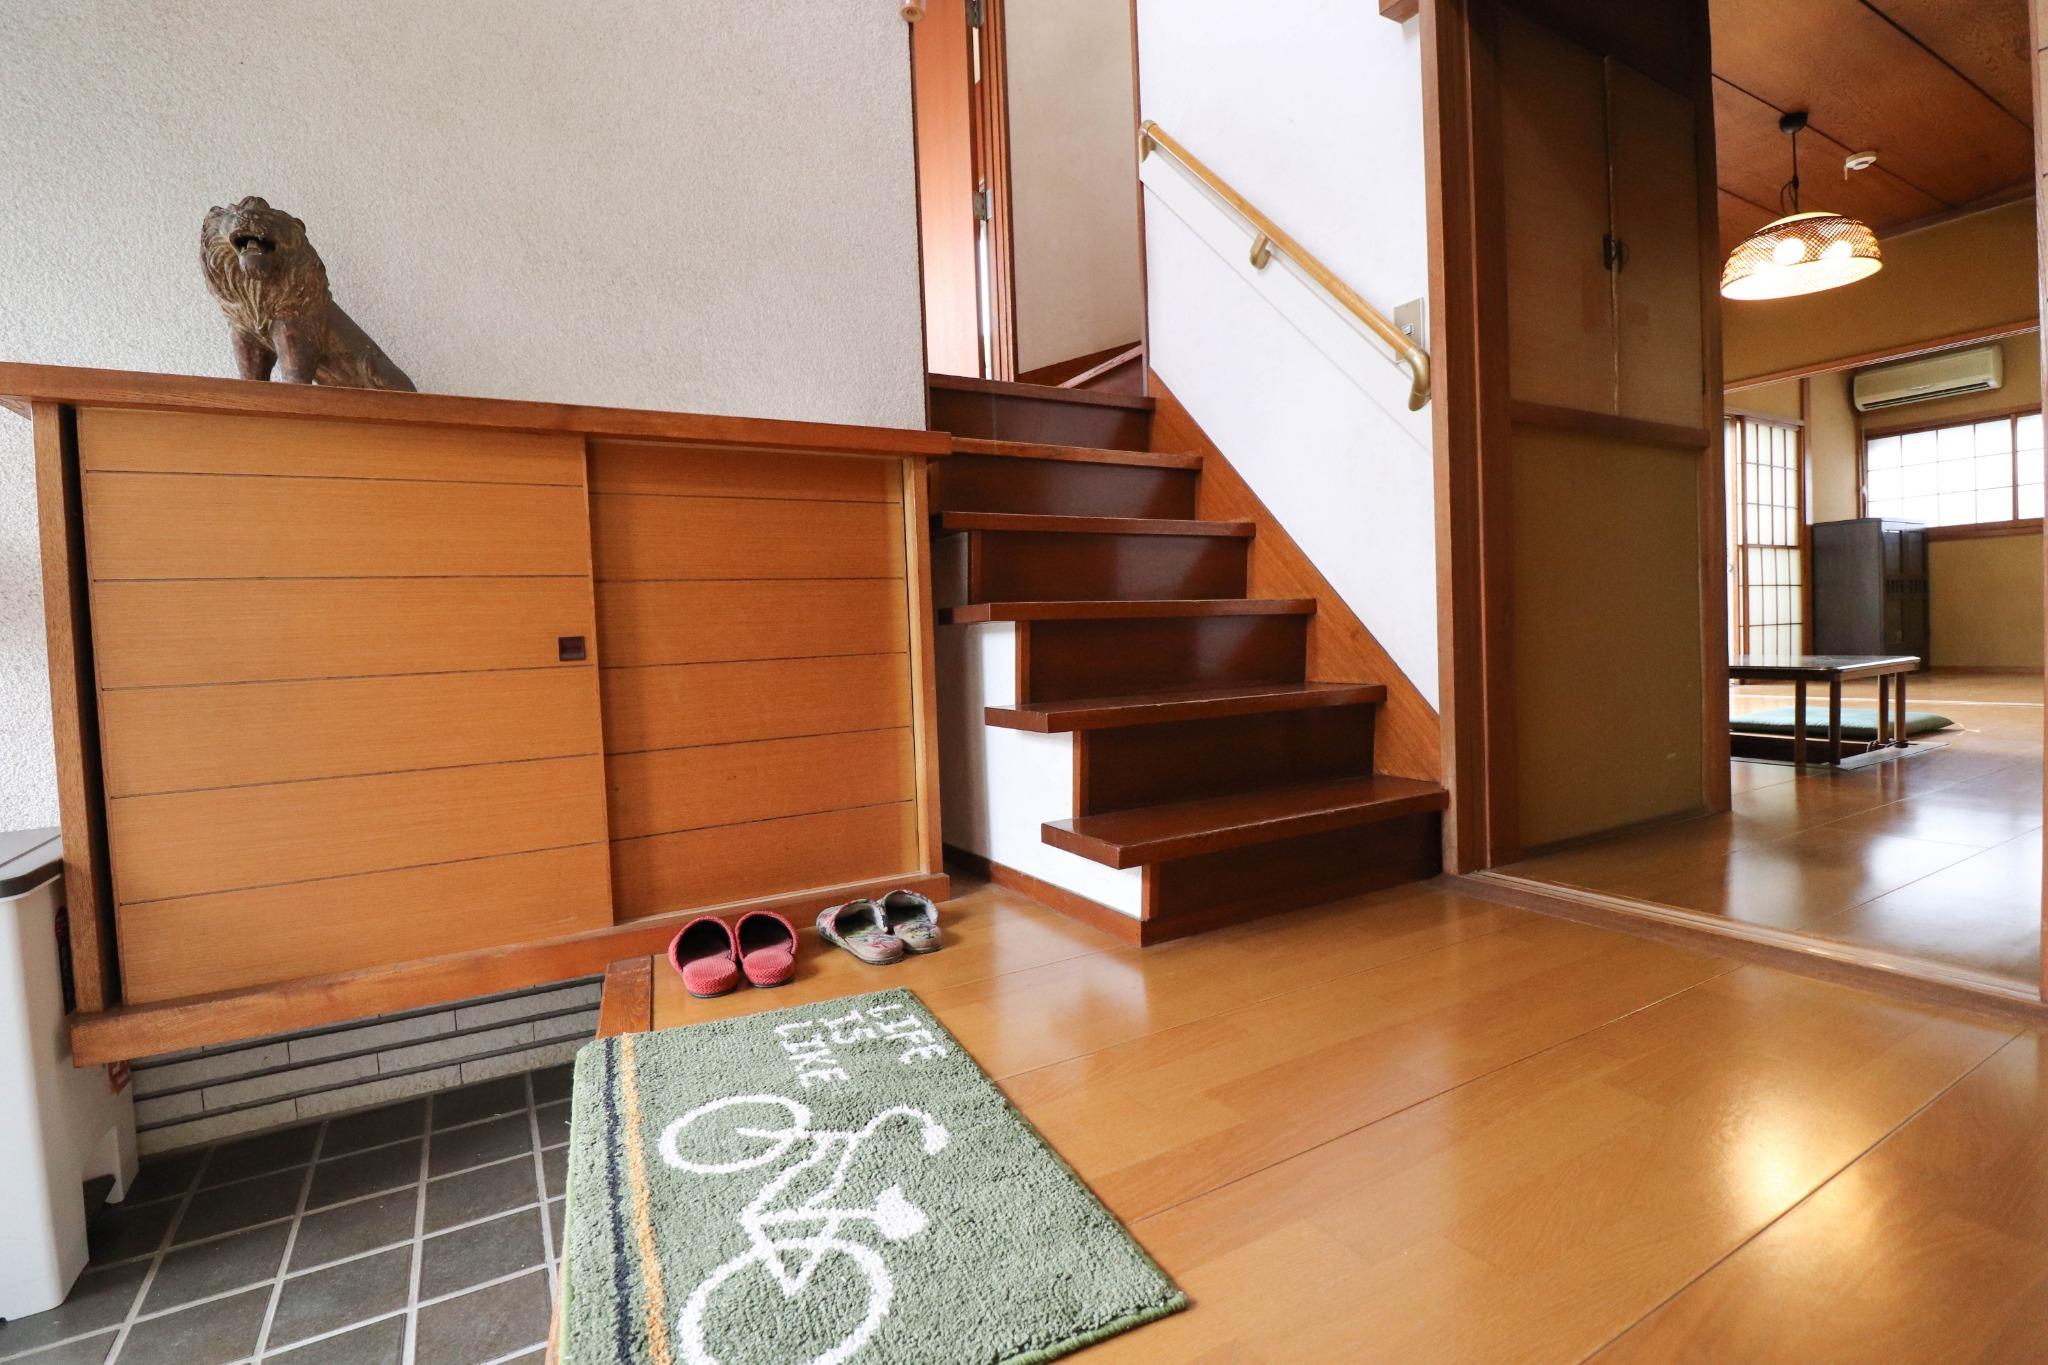 埼玉新座ハウス/民泊【Vacation STAY提供】 image